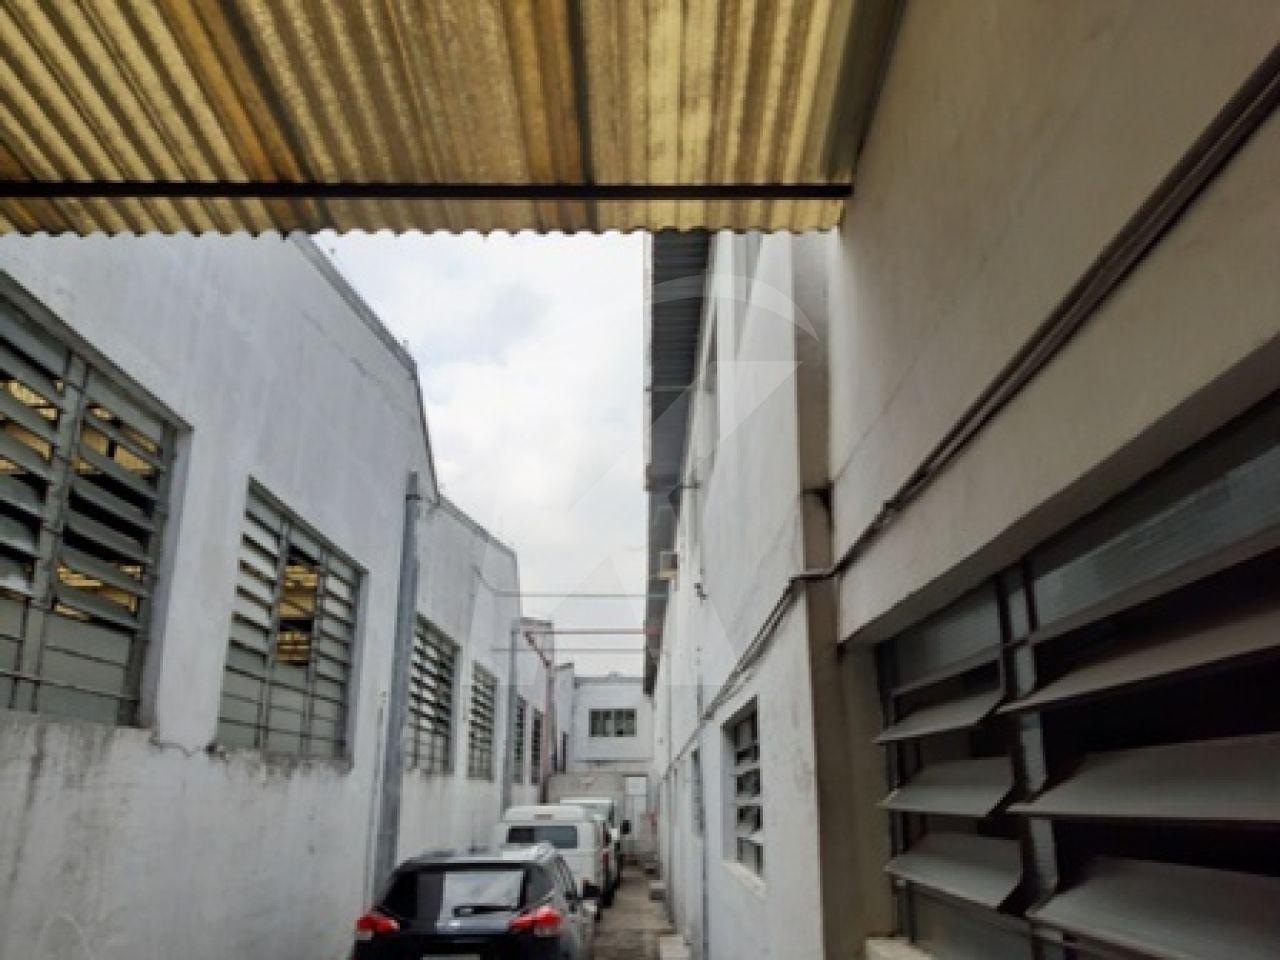 Comprar - Galpão - Jaçanã - 0 dormitórios.